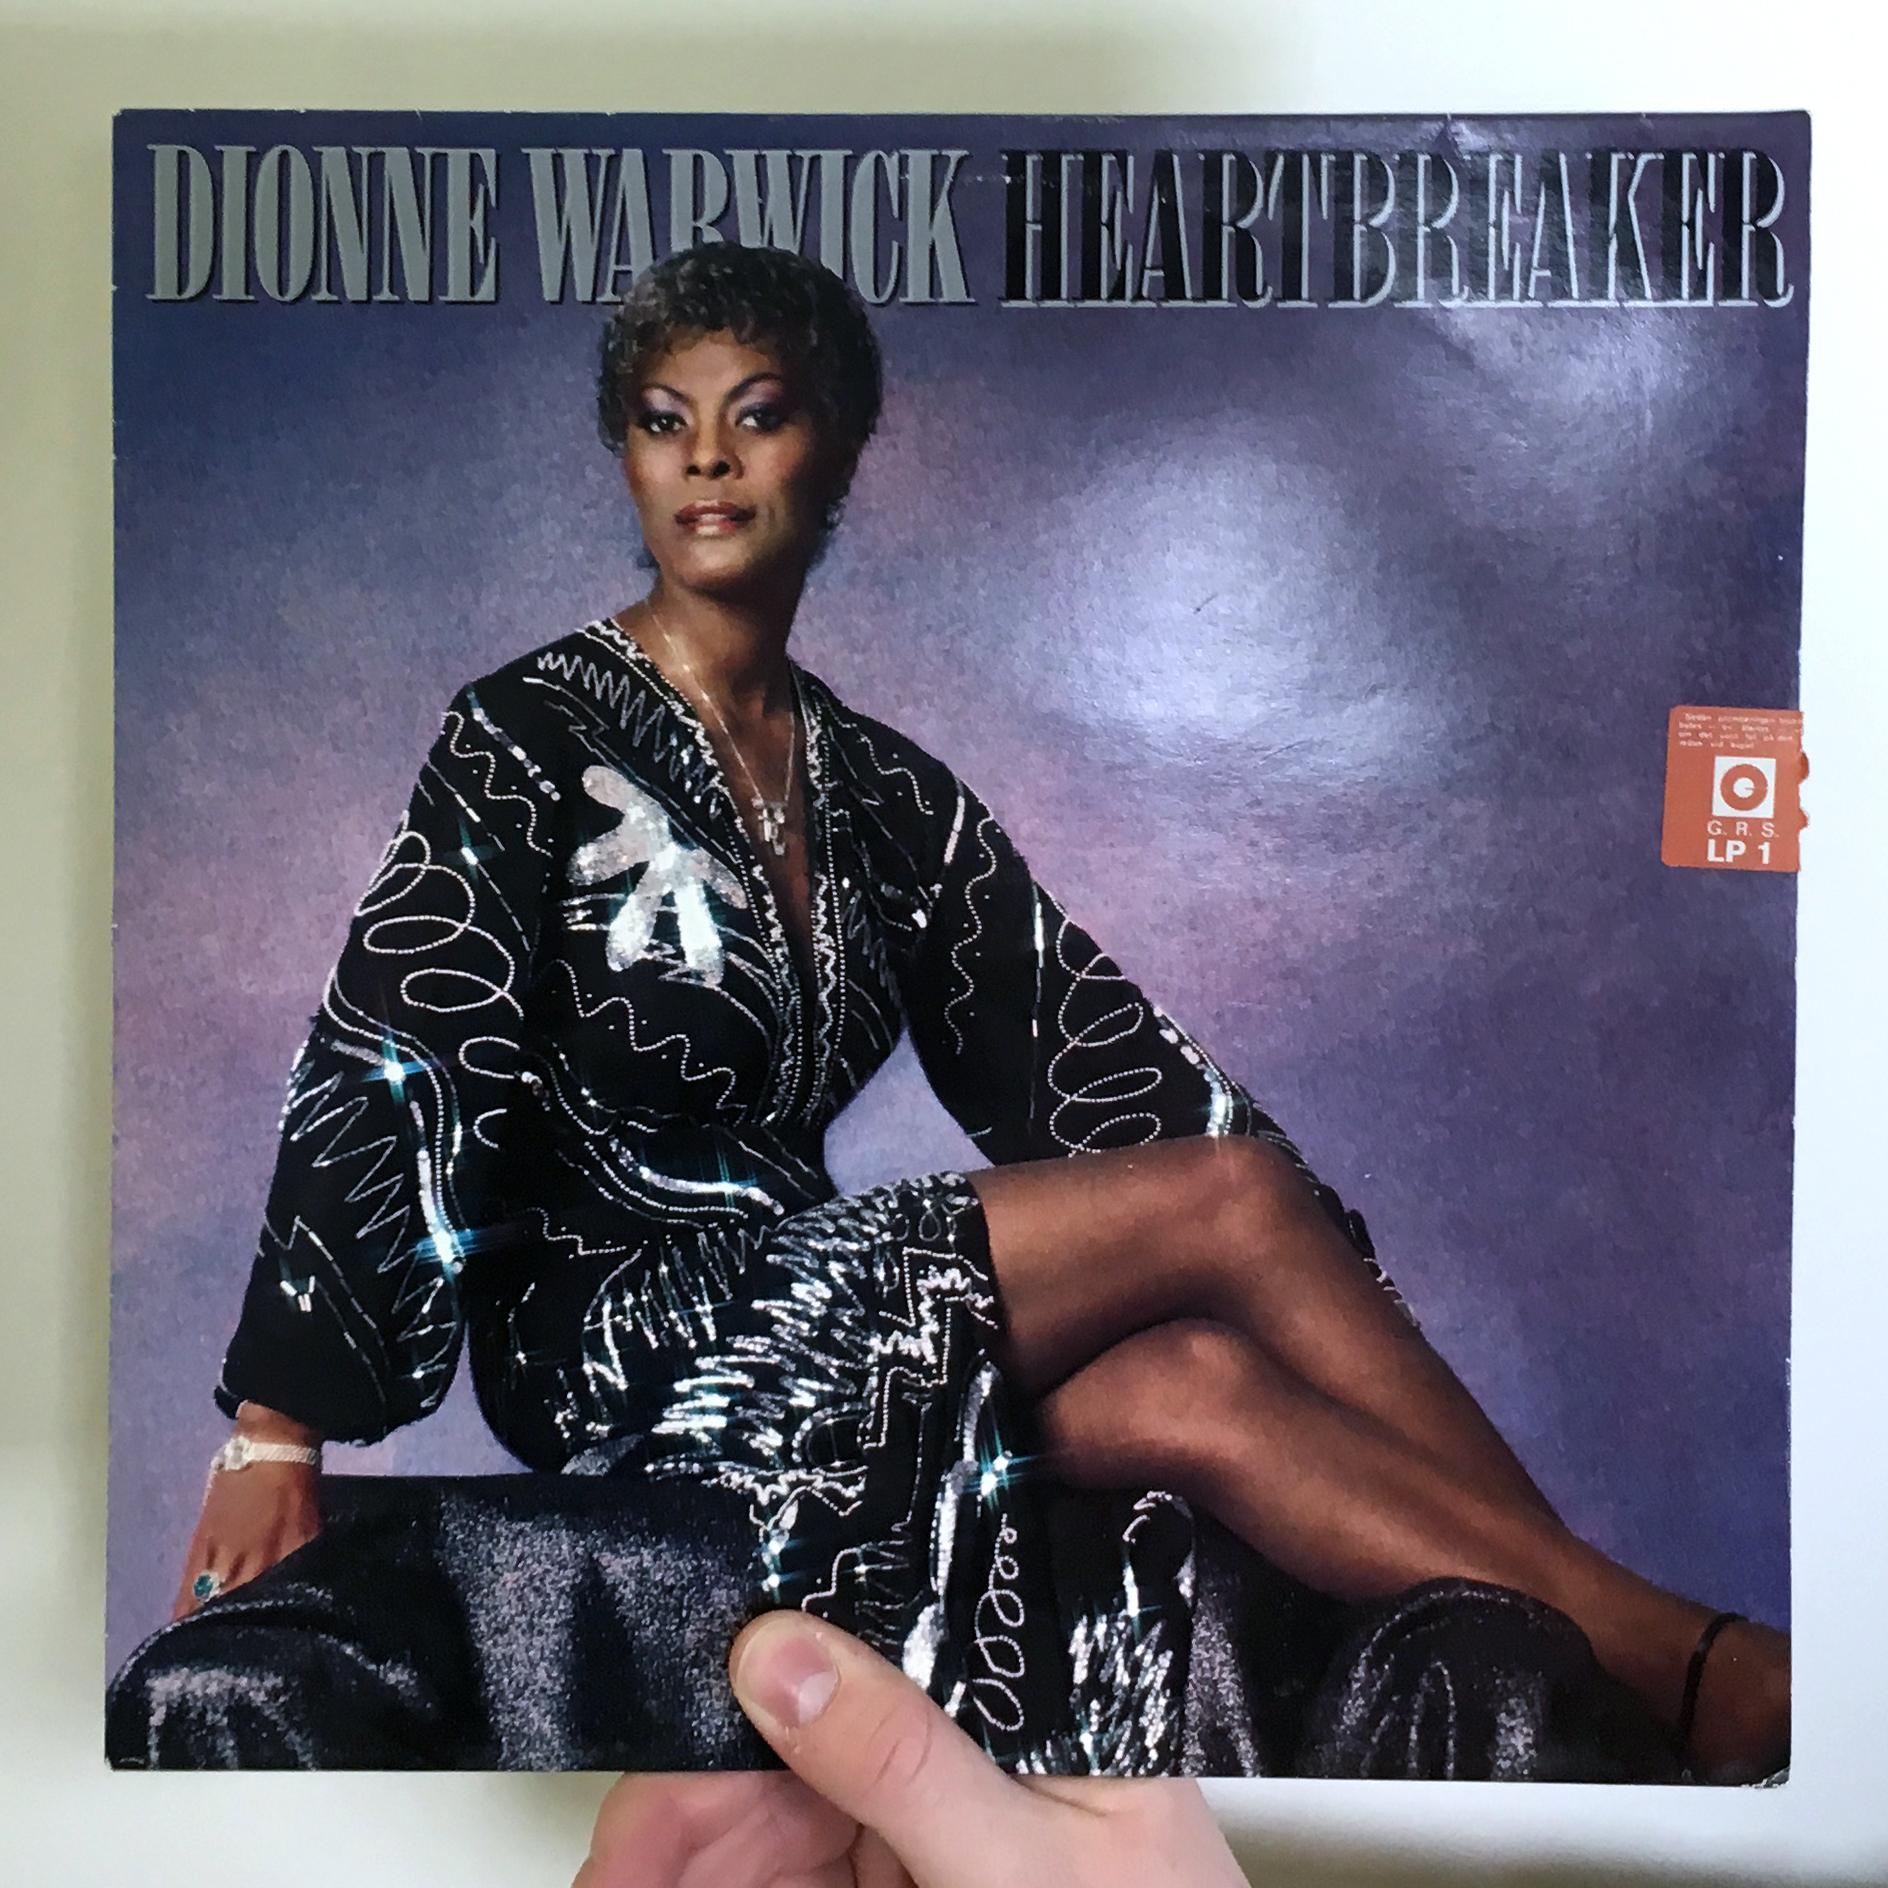 dj50s ep085 sleeve dionnewarwick heartbreaker